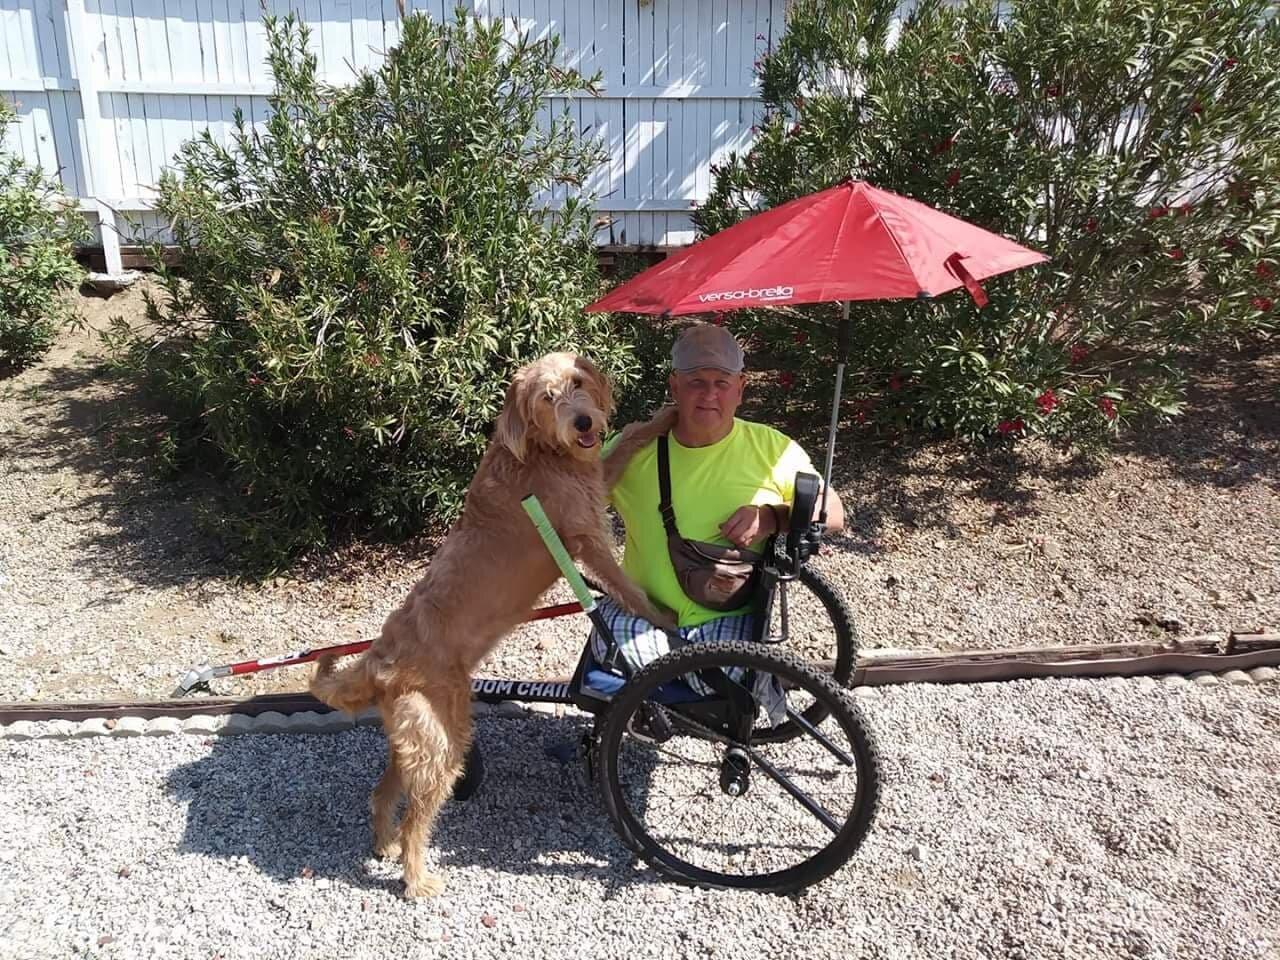 All-terrain-wheelchair-Morris-1.jpg